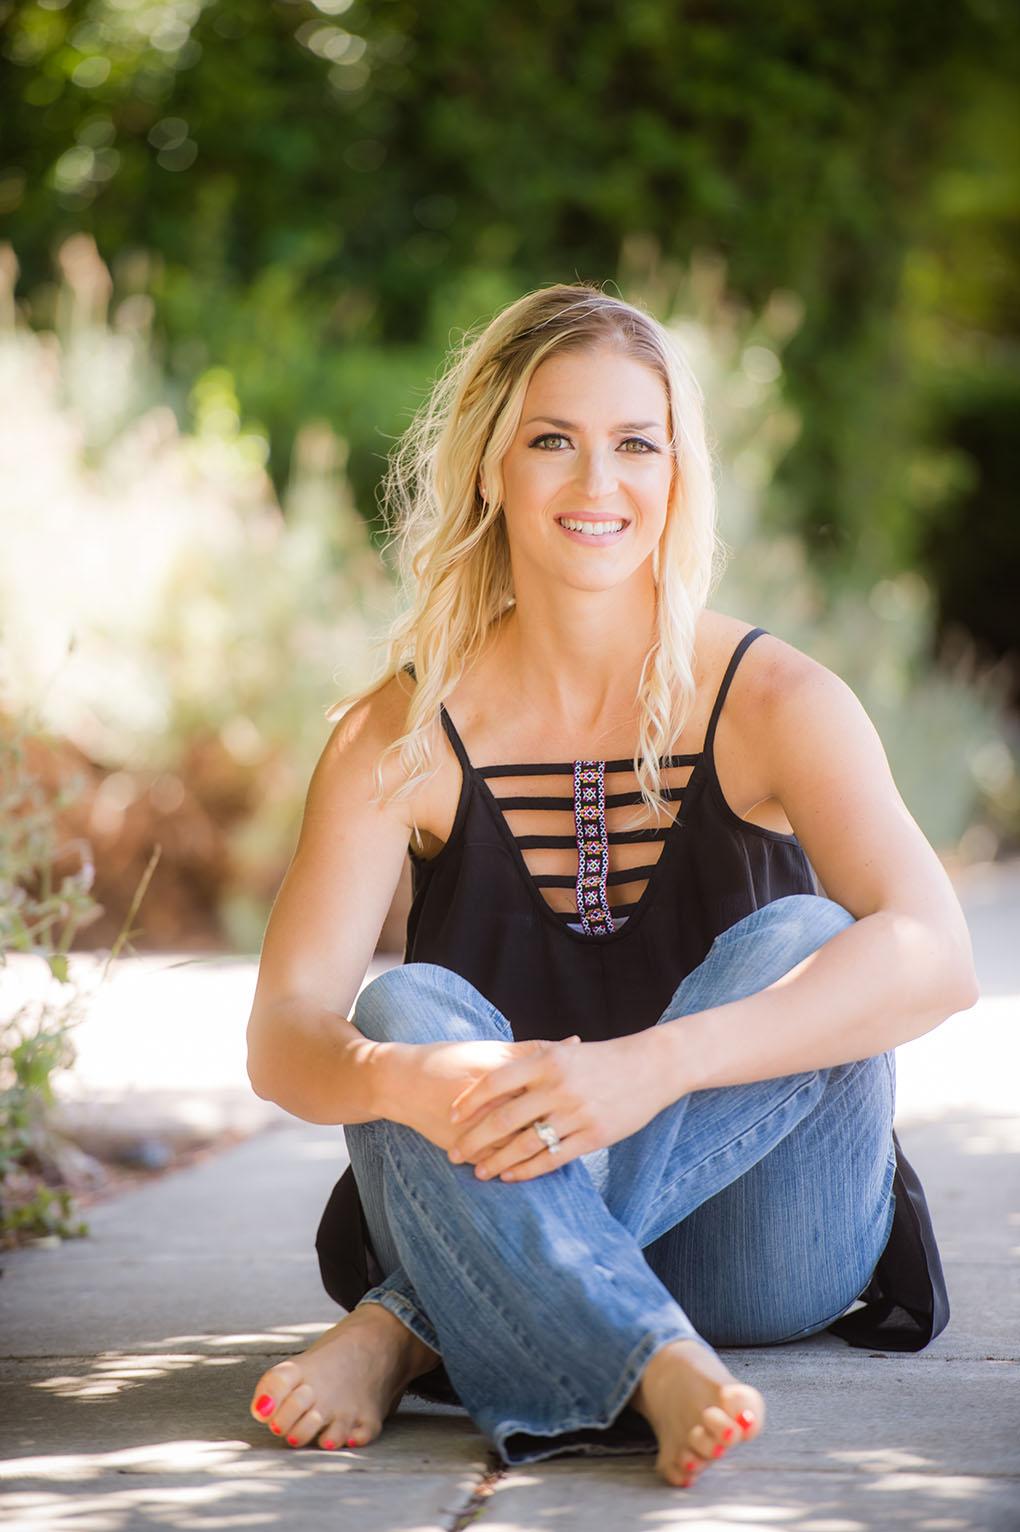 About Sarah Kay Hoffman sarahkayhoffman.com